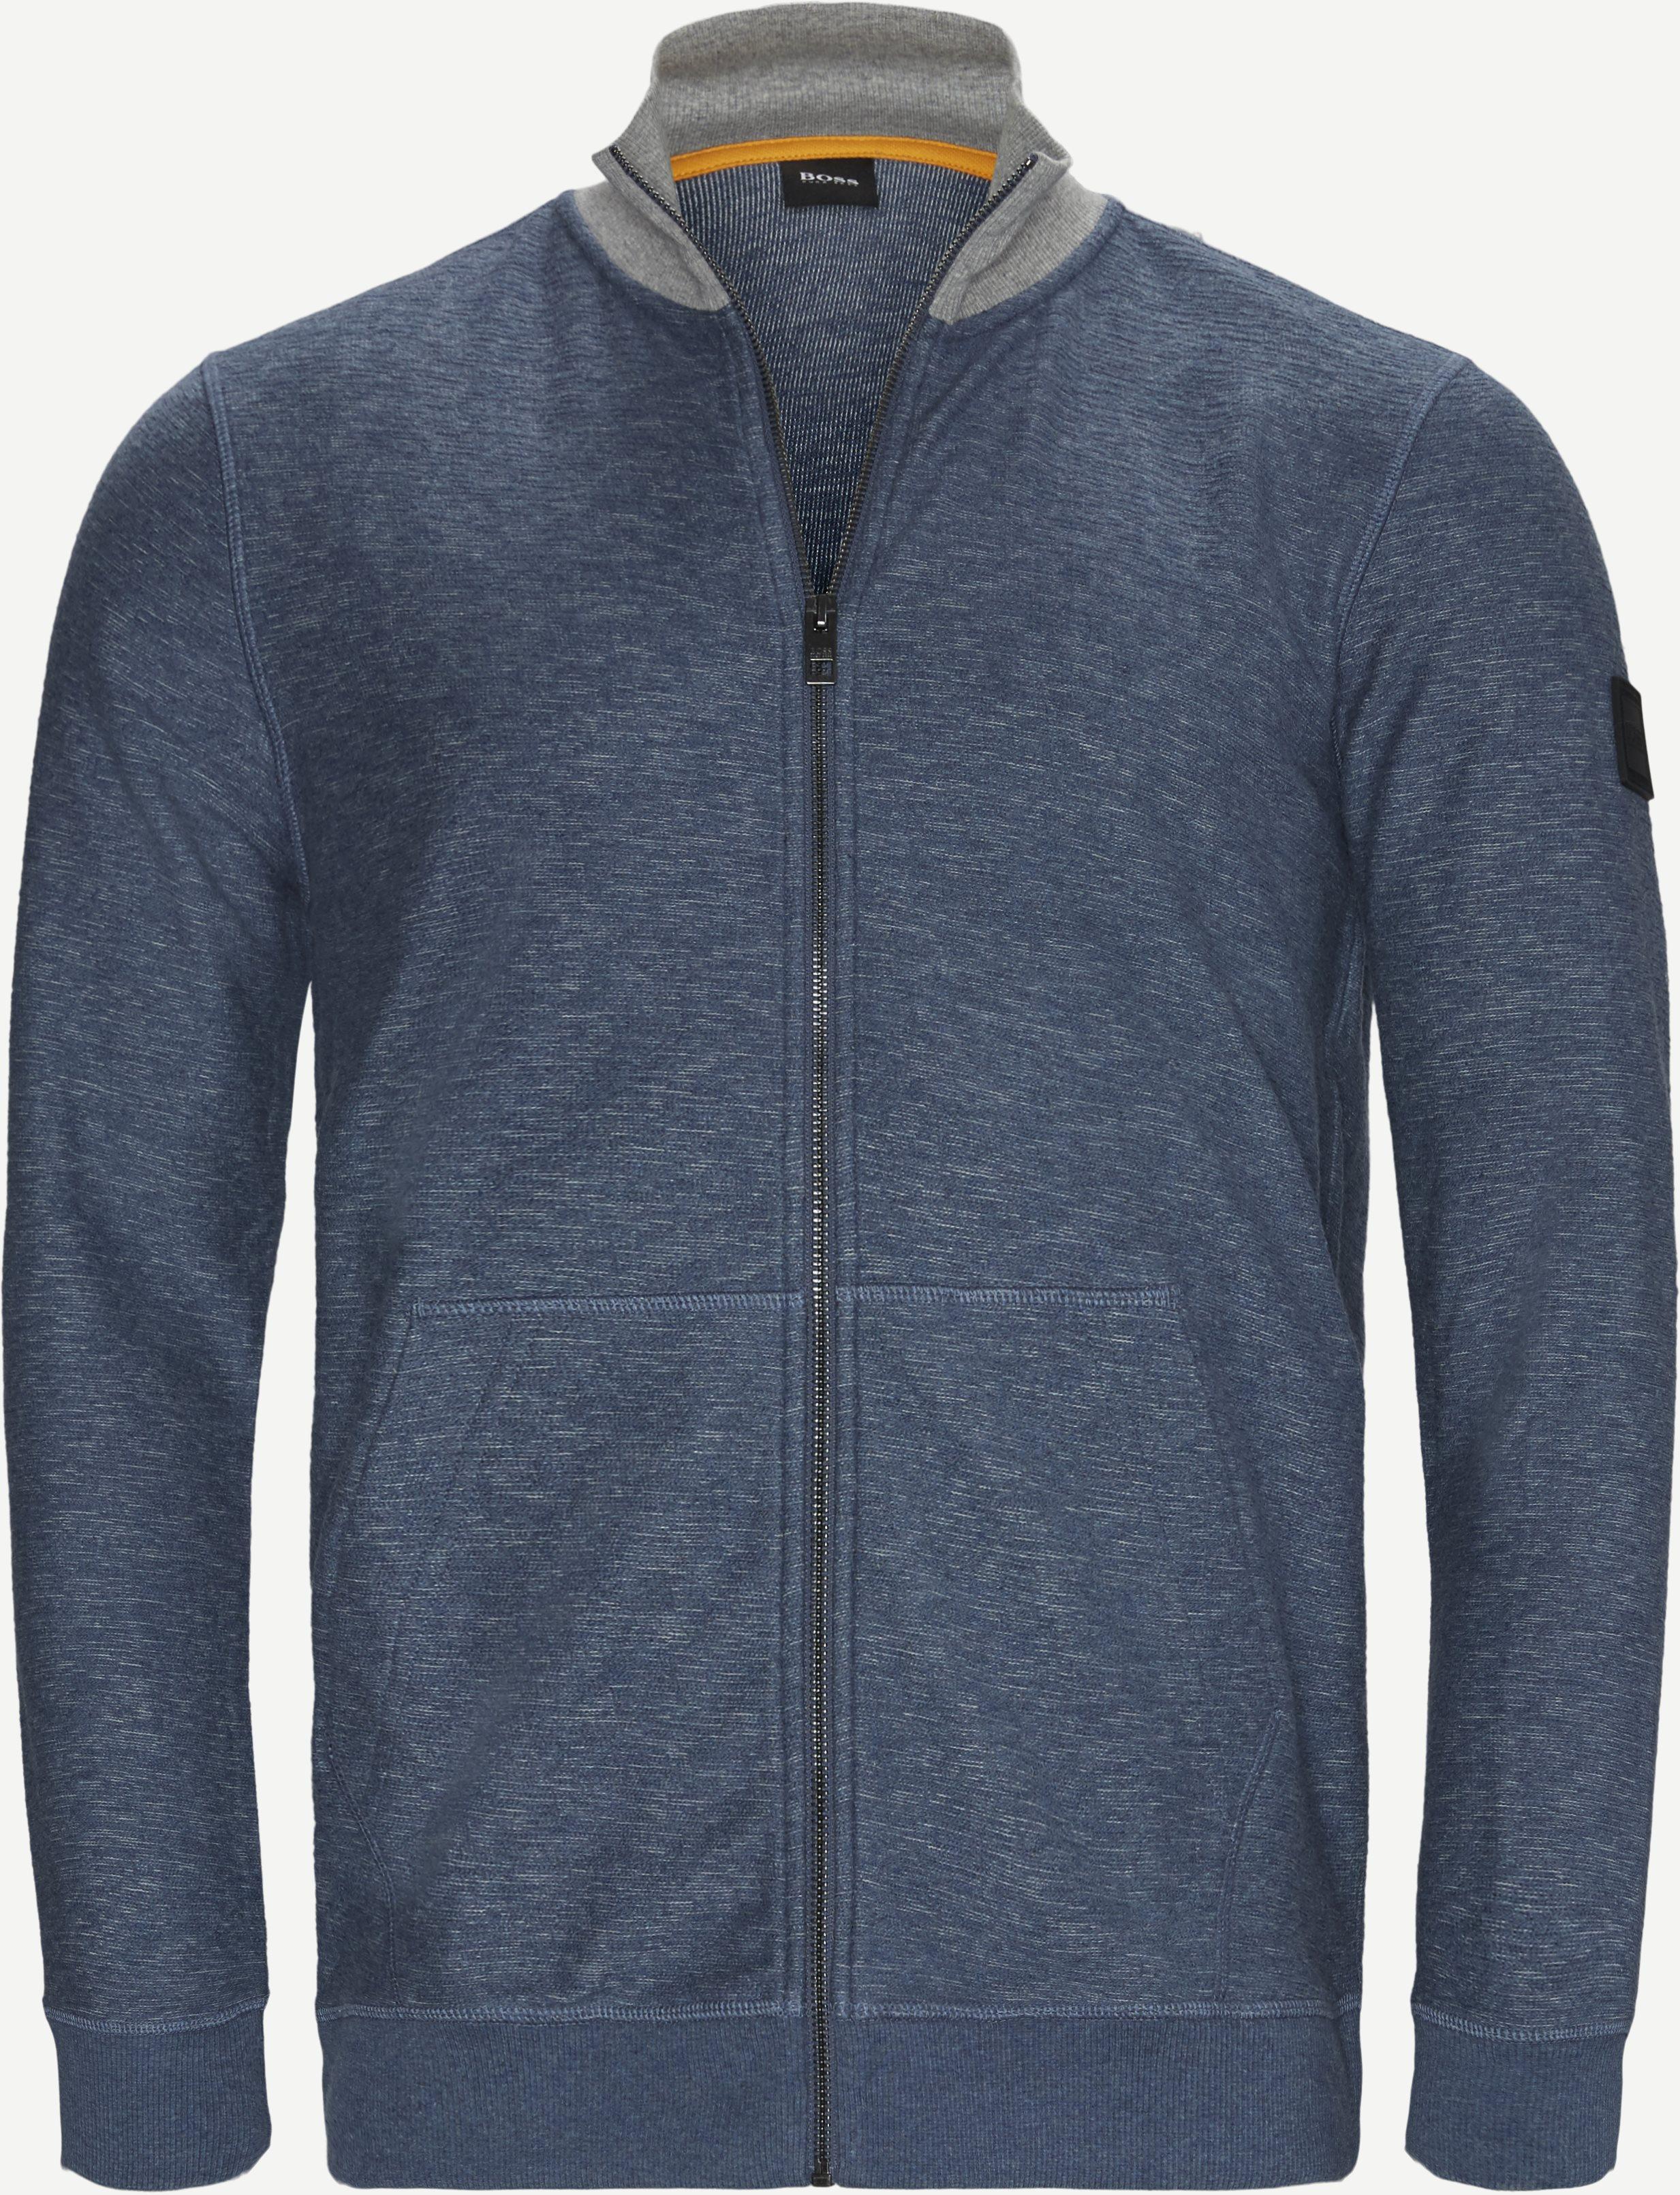 Sweatshirts - Regular - Blå